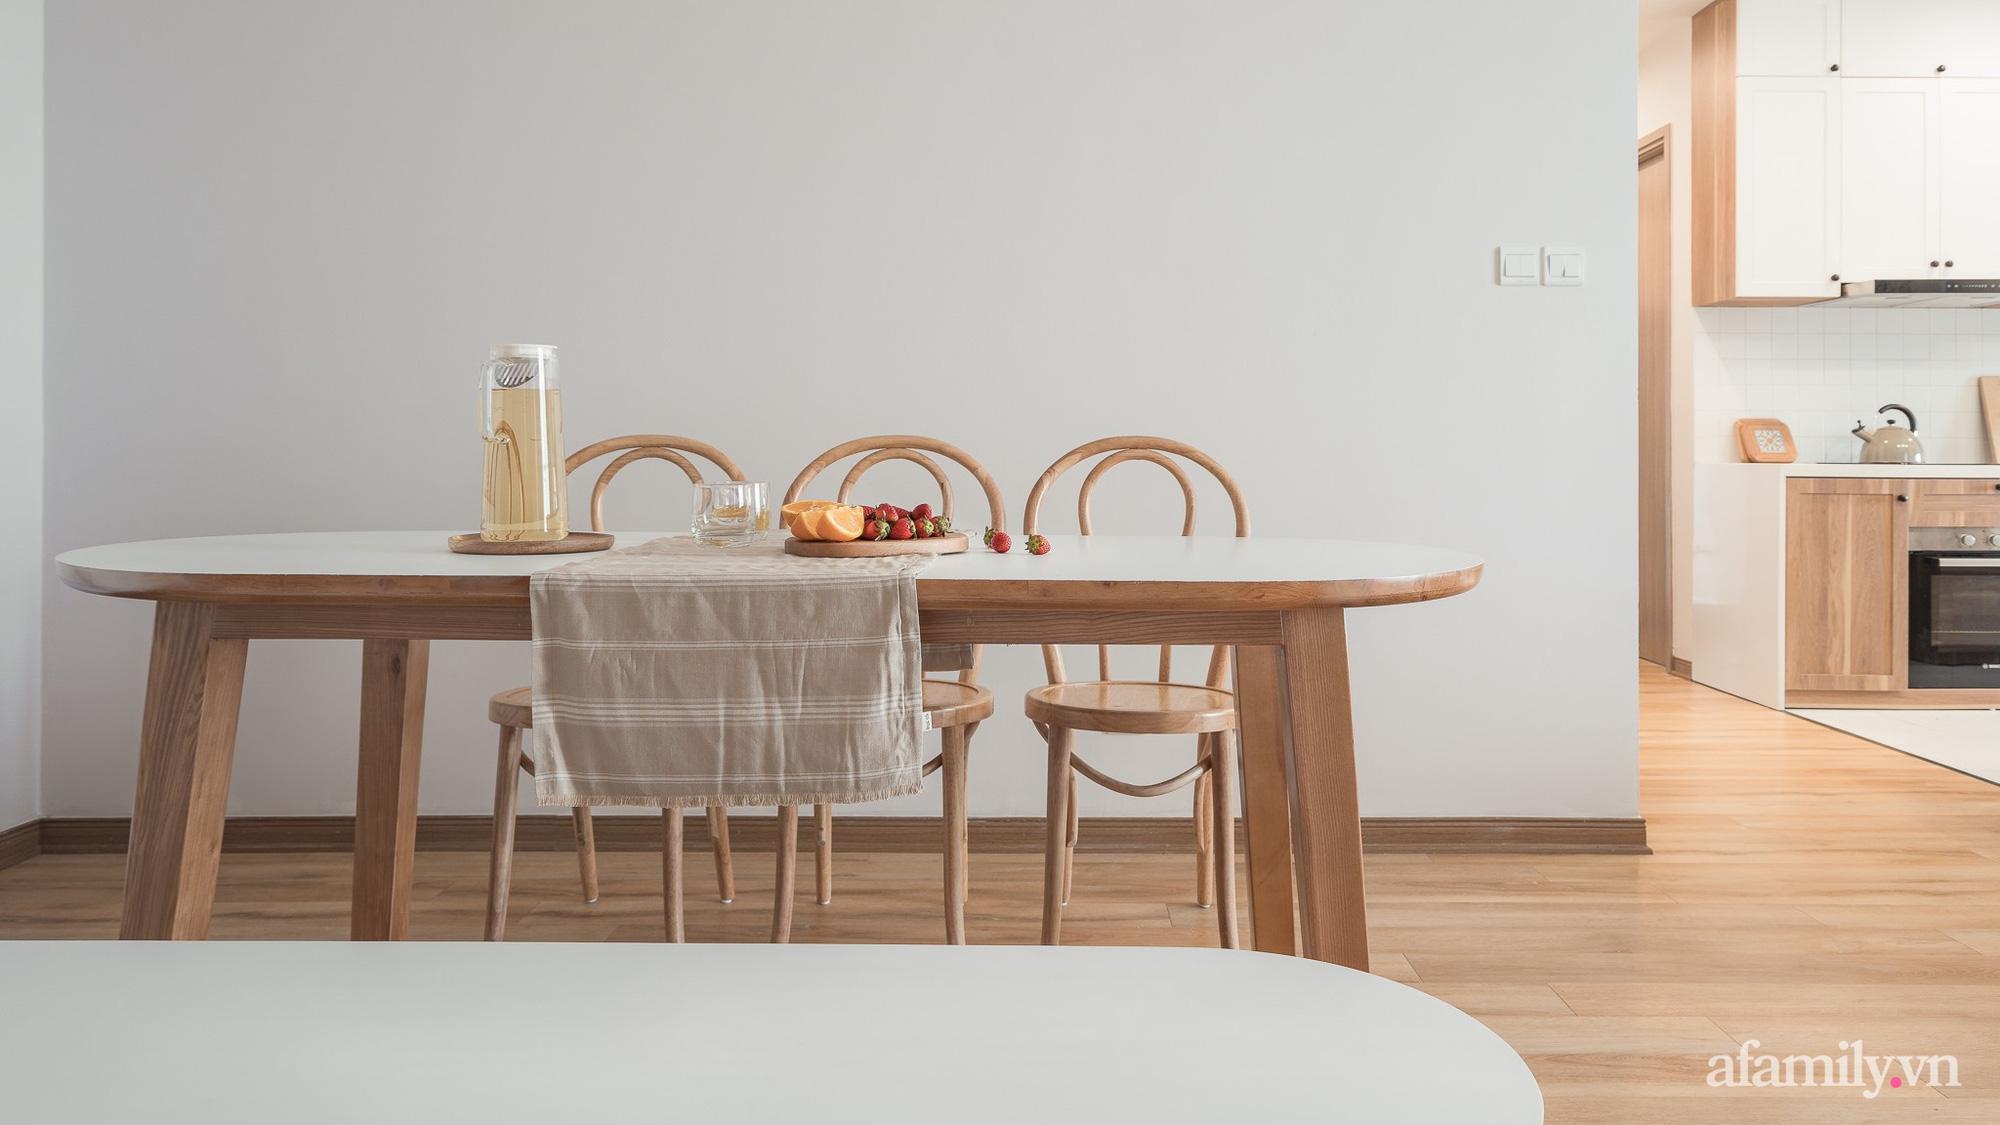 Căn hộ 92,5m² ngọt lịm với sắc màu tinh khôi của nữ giáo viên Tiếng Anh ở Hà Nội - Ảnh 10.